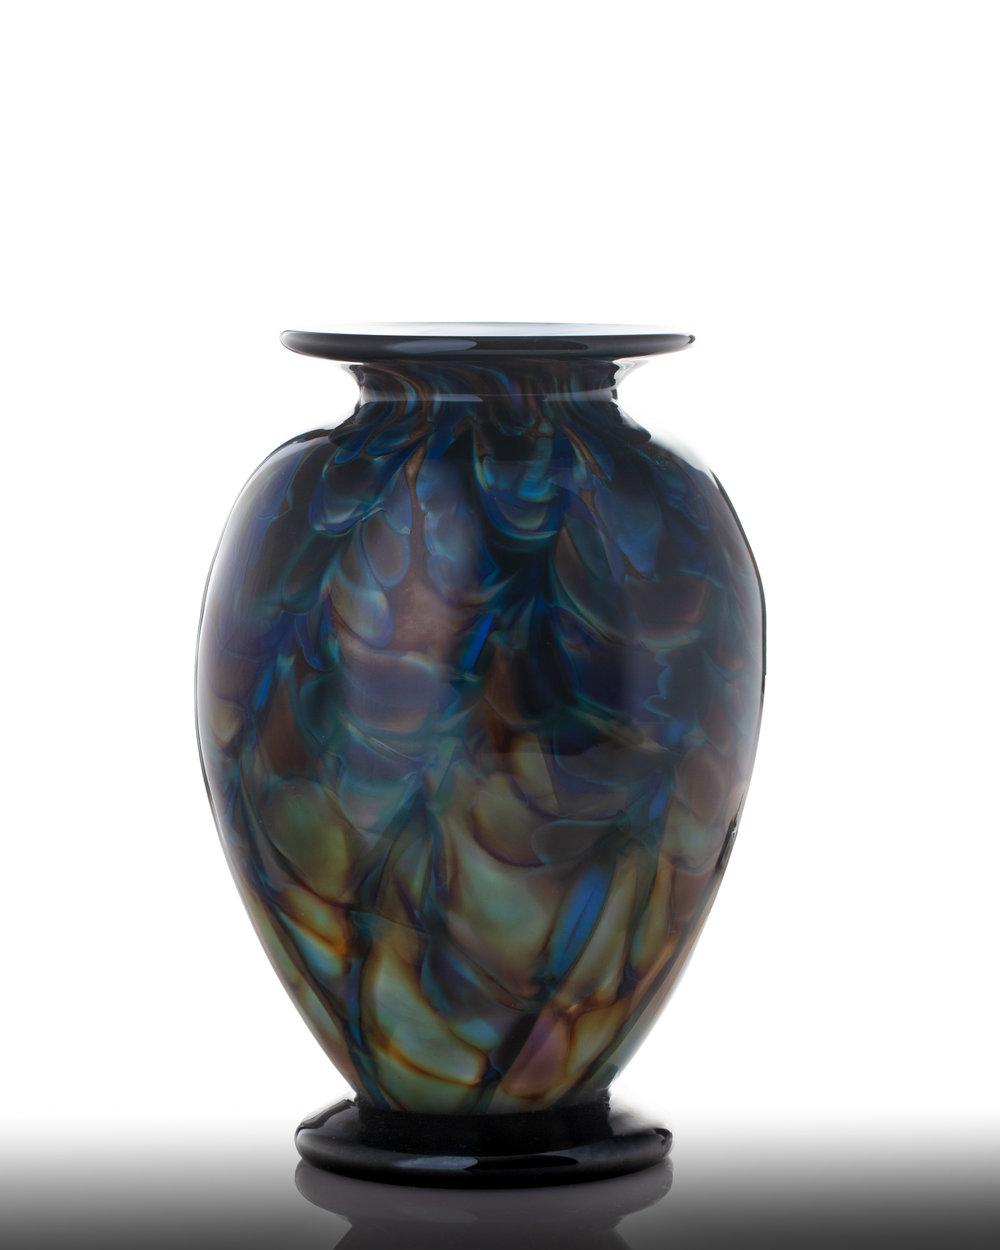 Vase_47.jpg